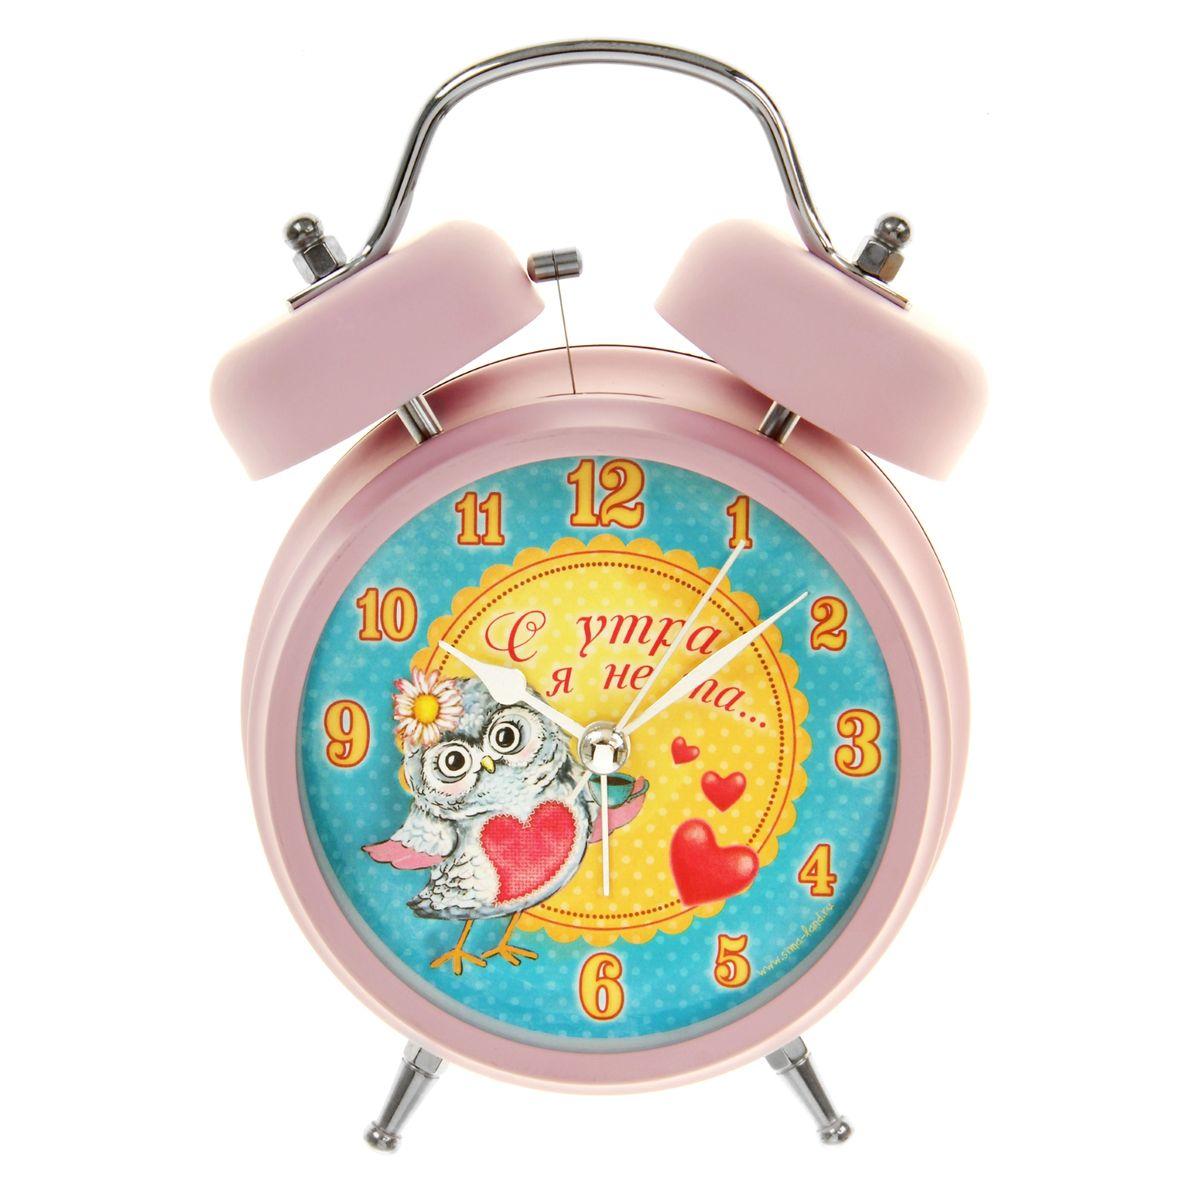 Часы-будильник Sima-land С утра я не та...839682Как же сложно иногда вставать вовремя! Всегда так хочется поспать еще хотя бы 5минут и бывает, что мы просыпаем. Теперь этого не случится! Яркий, оригинальныйбудильник Sima-land С утра я не та... поможет вам всегда вставать в нужное время иуспевать везде и всюду. Корпус будильника выполнен из металла. Циферблат оформлен изображением совыи надписью: С утра я не та..., имеет индикацию арабскими цифрами. Часы снабжены4 стрелками (секундная, минутная, часовая и для будильника). На задней панелибудильника расположен переключатель включения/выключения механизма, а такжедва колесика для настройки текущего времени и времени звонка будильника. Пользоваться будильником очень легко: нужно всего лишь поставить батарейки,настроить точное время и установить время звонка.Необходимо докупить 2 батарейки типа АА напряжением 1,5V (не входят в комплект).